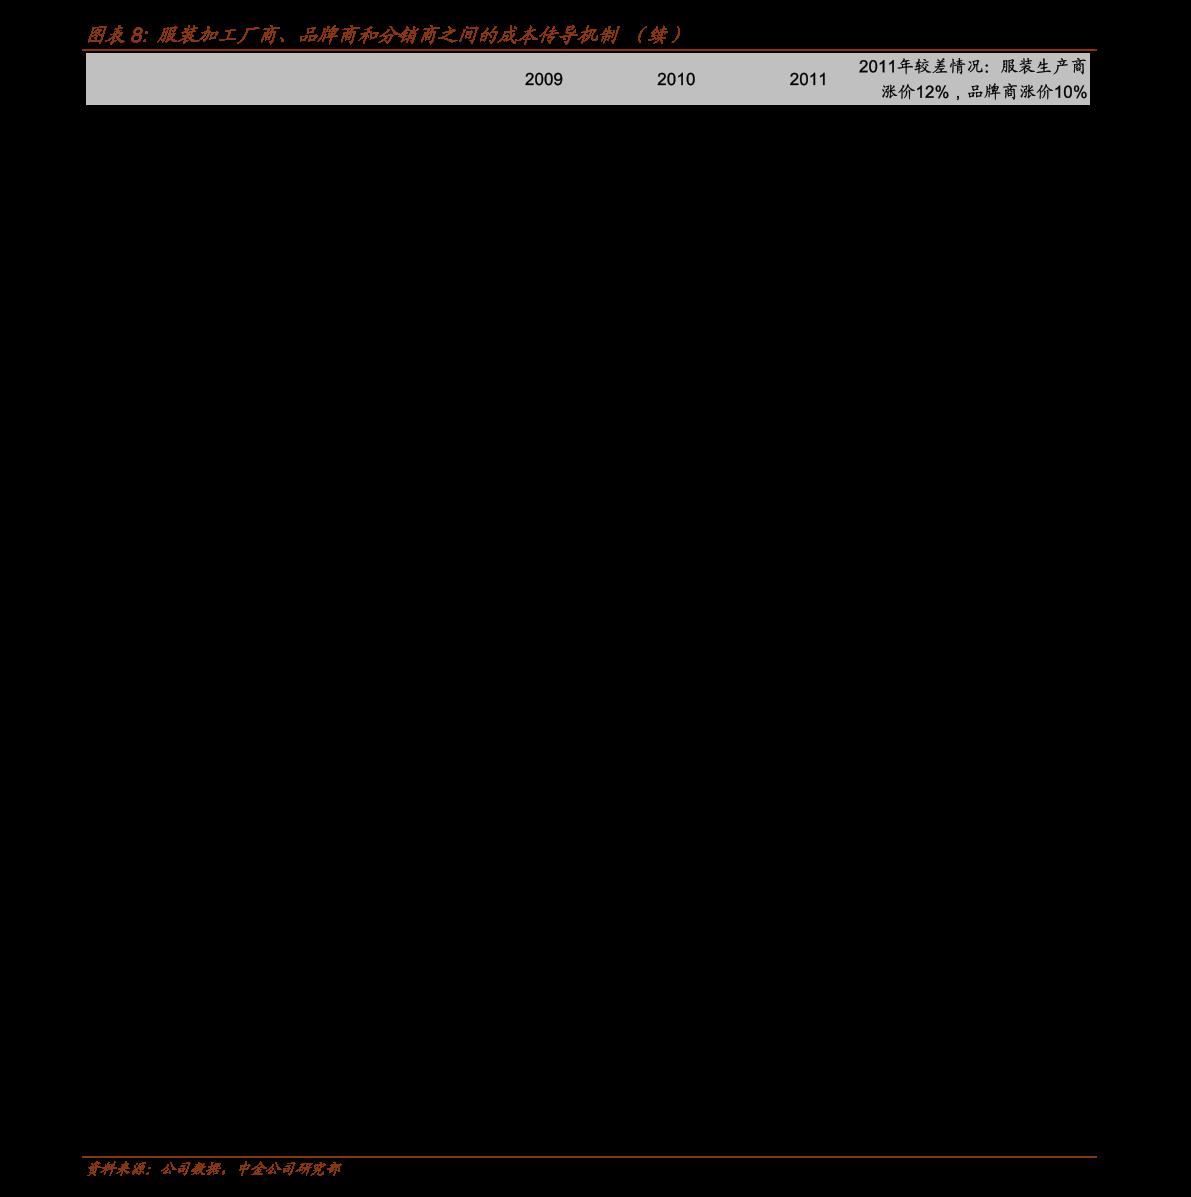 慧博投研资讯-慧博研报炼金之研报头条精华:从高技术产业看转型升级,新经济的突出特征及发展趋势-210113